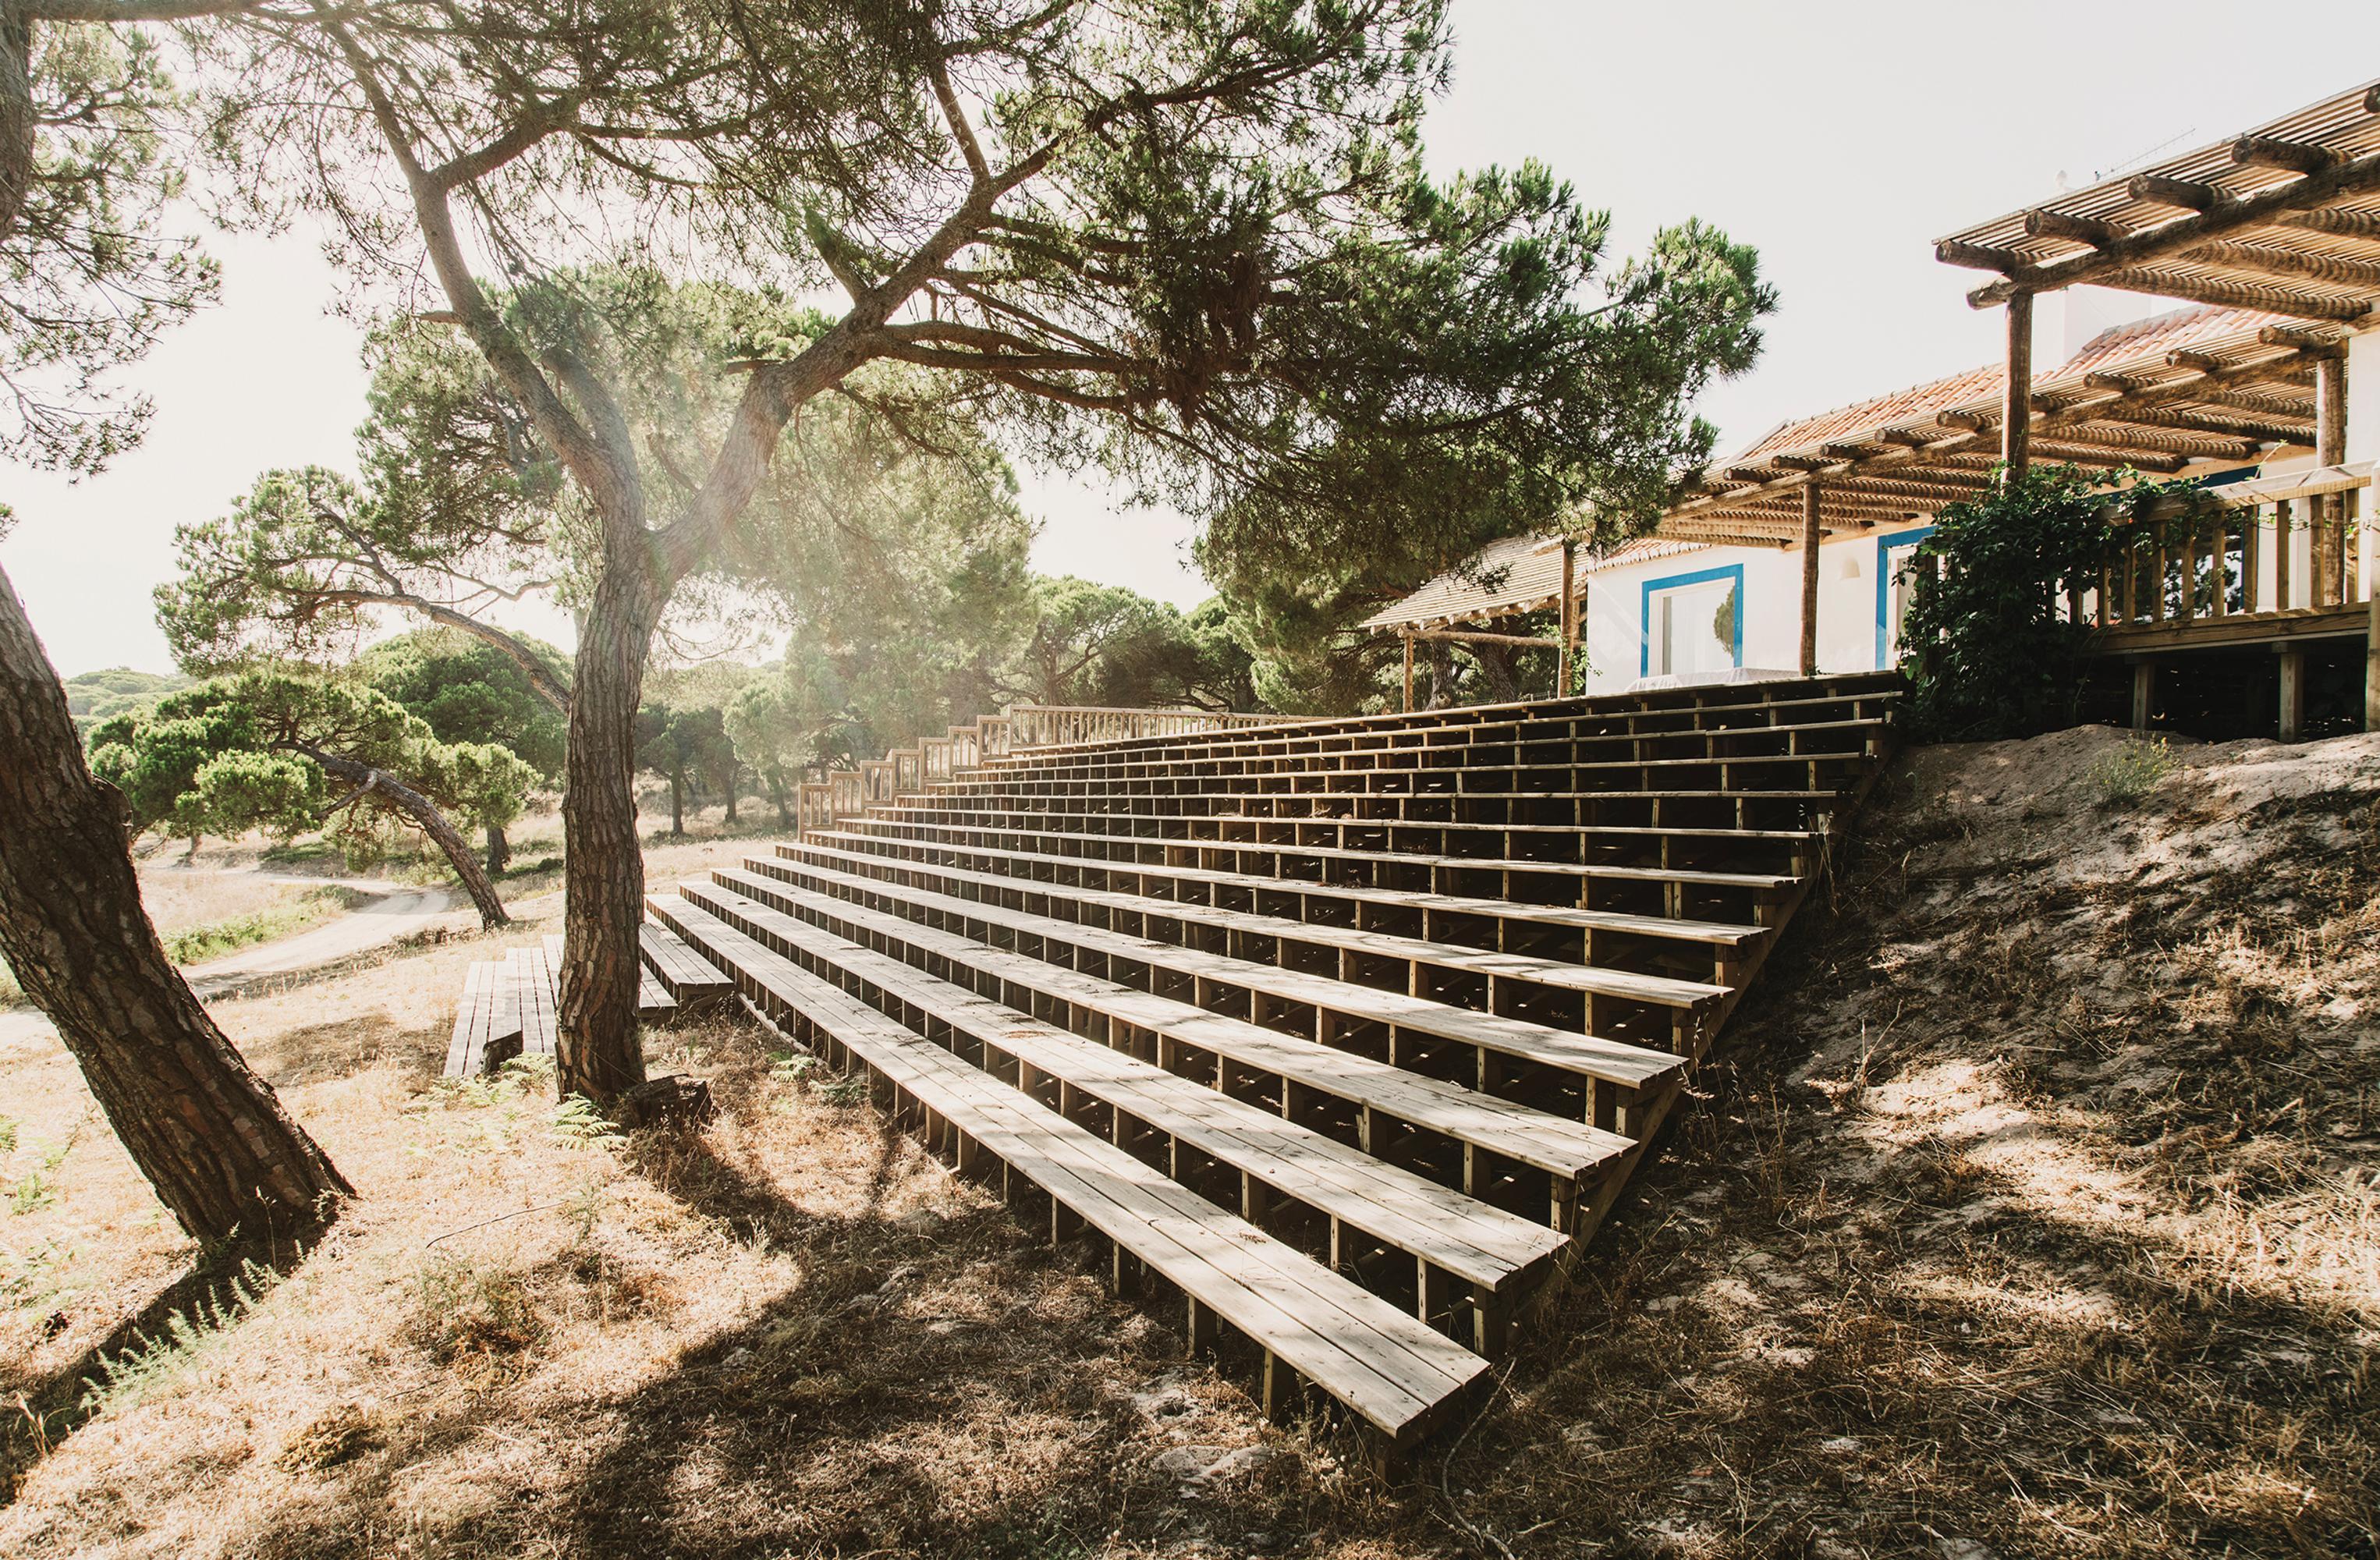 O próprio designer projetou os amplos degraus e o deque de madeira, que são o coração social do complexo. PHOTO: FOTO DE SALVA LÓPEZ